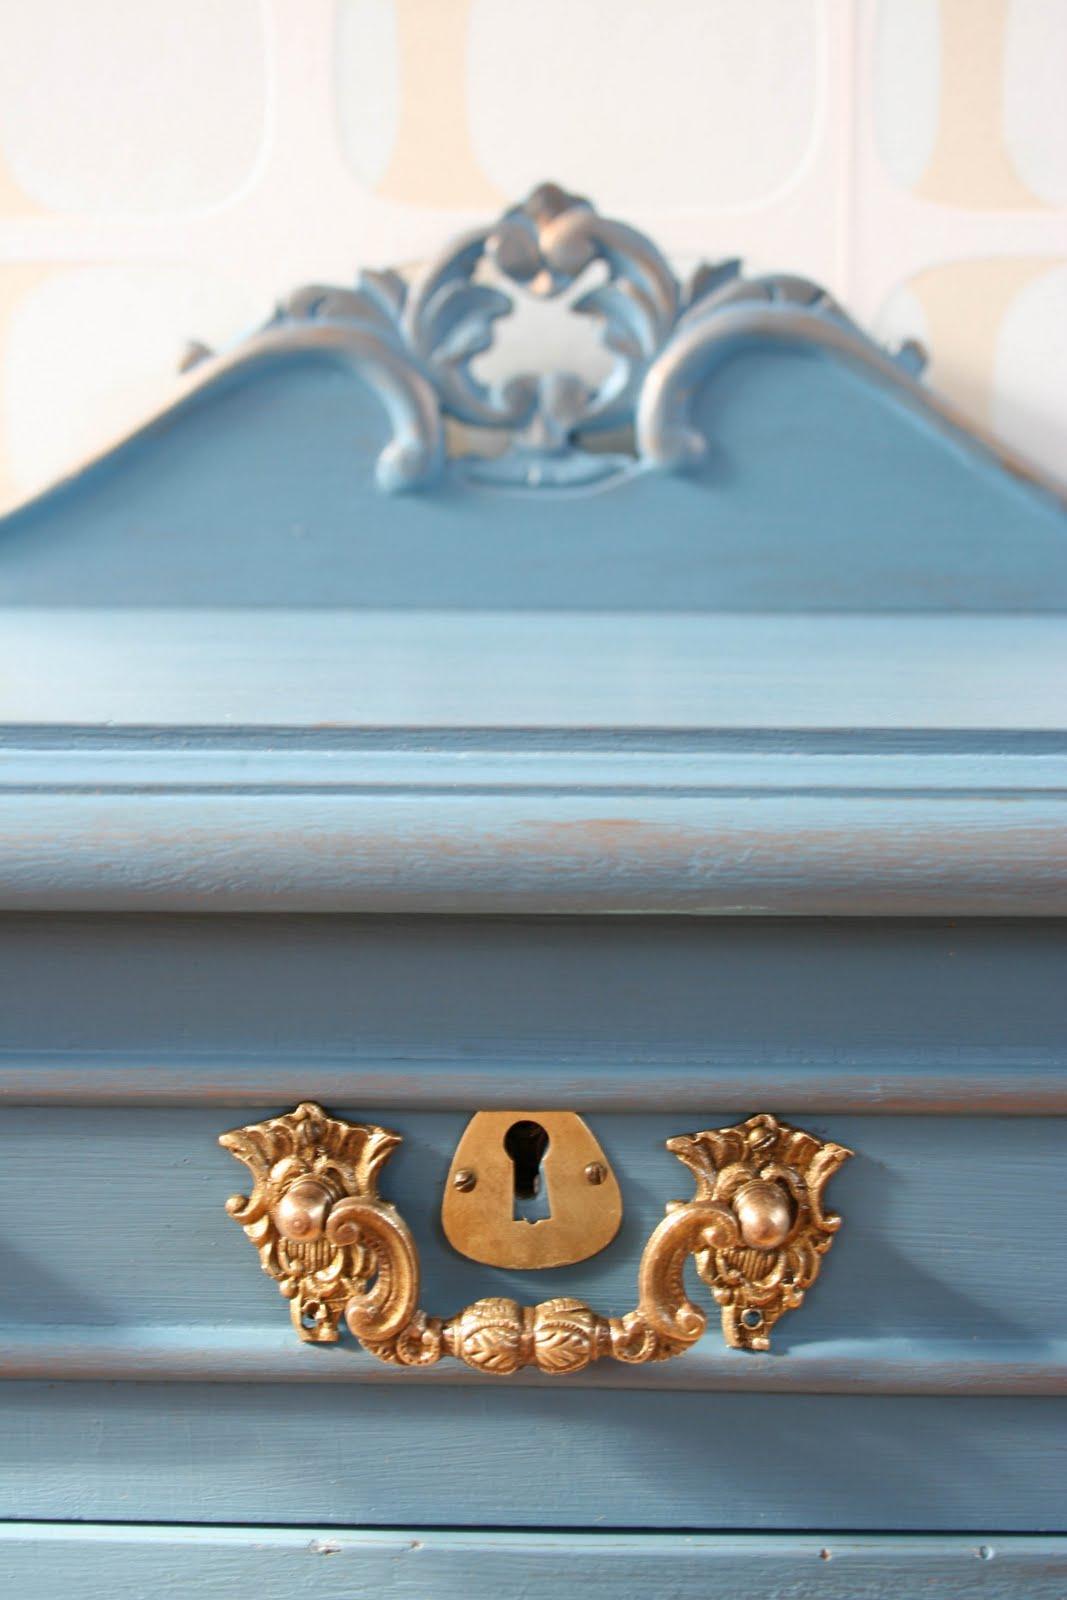 http://2.bp.blogspot.com/_KGaQn18jqjI/THAxCfu6fXI/AAAAAAAAWNg/zXROlaNmPFs/s1600/mesita+vintage+casta%C3%B1o+pintada++azul+2.jpg